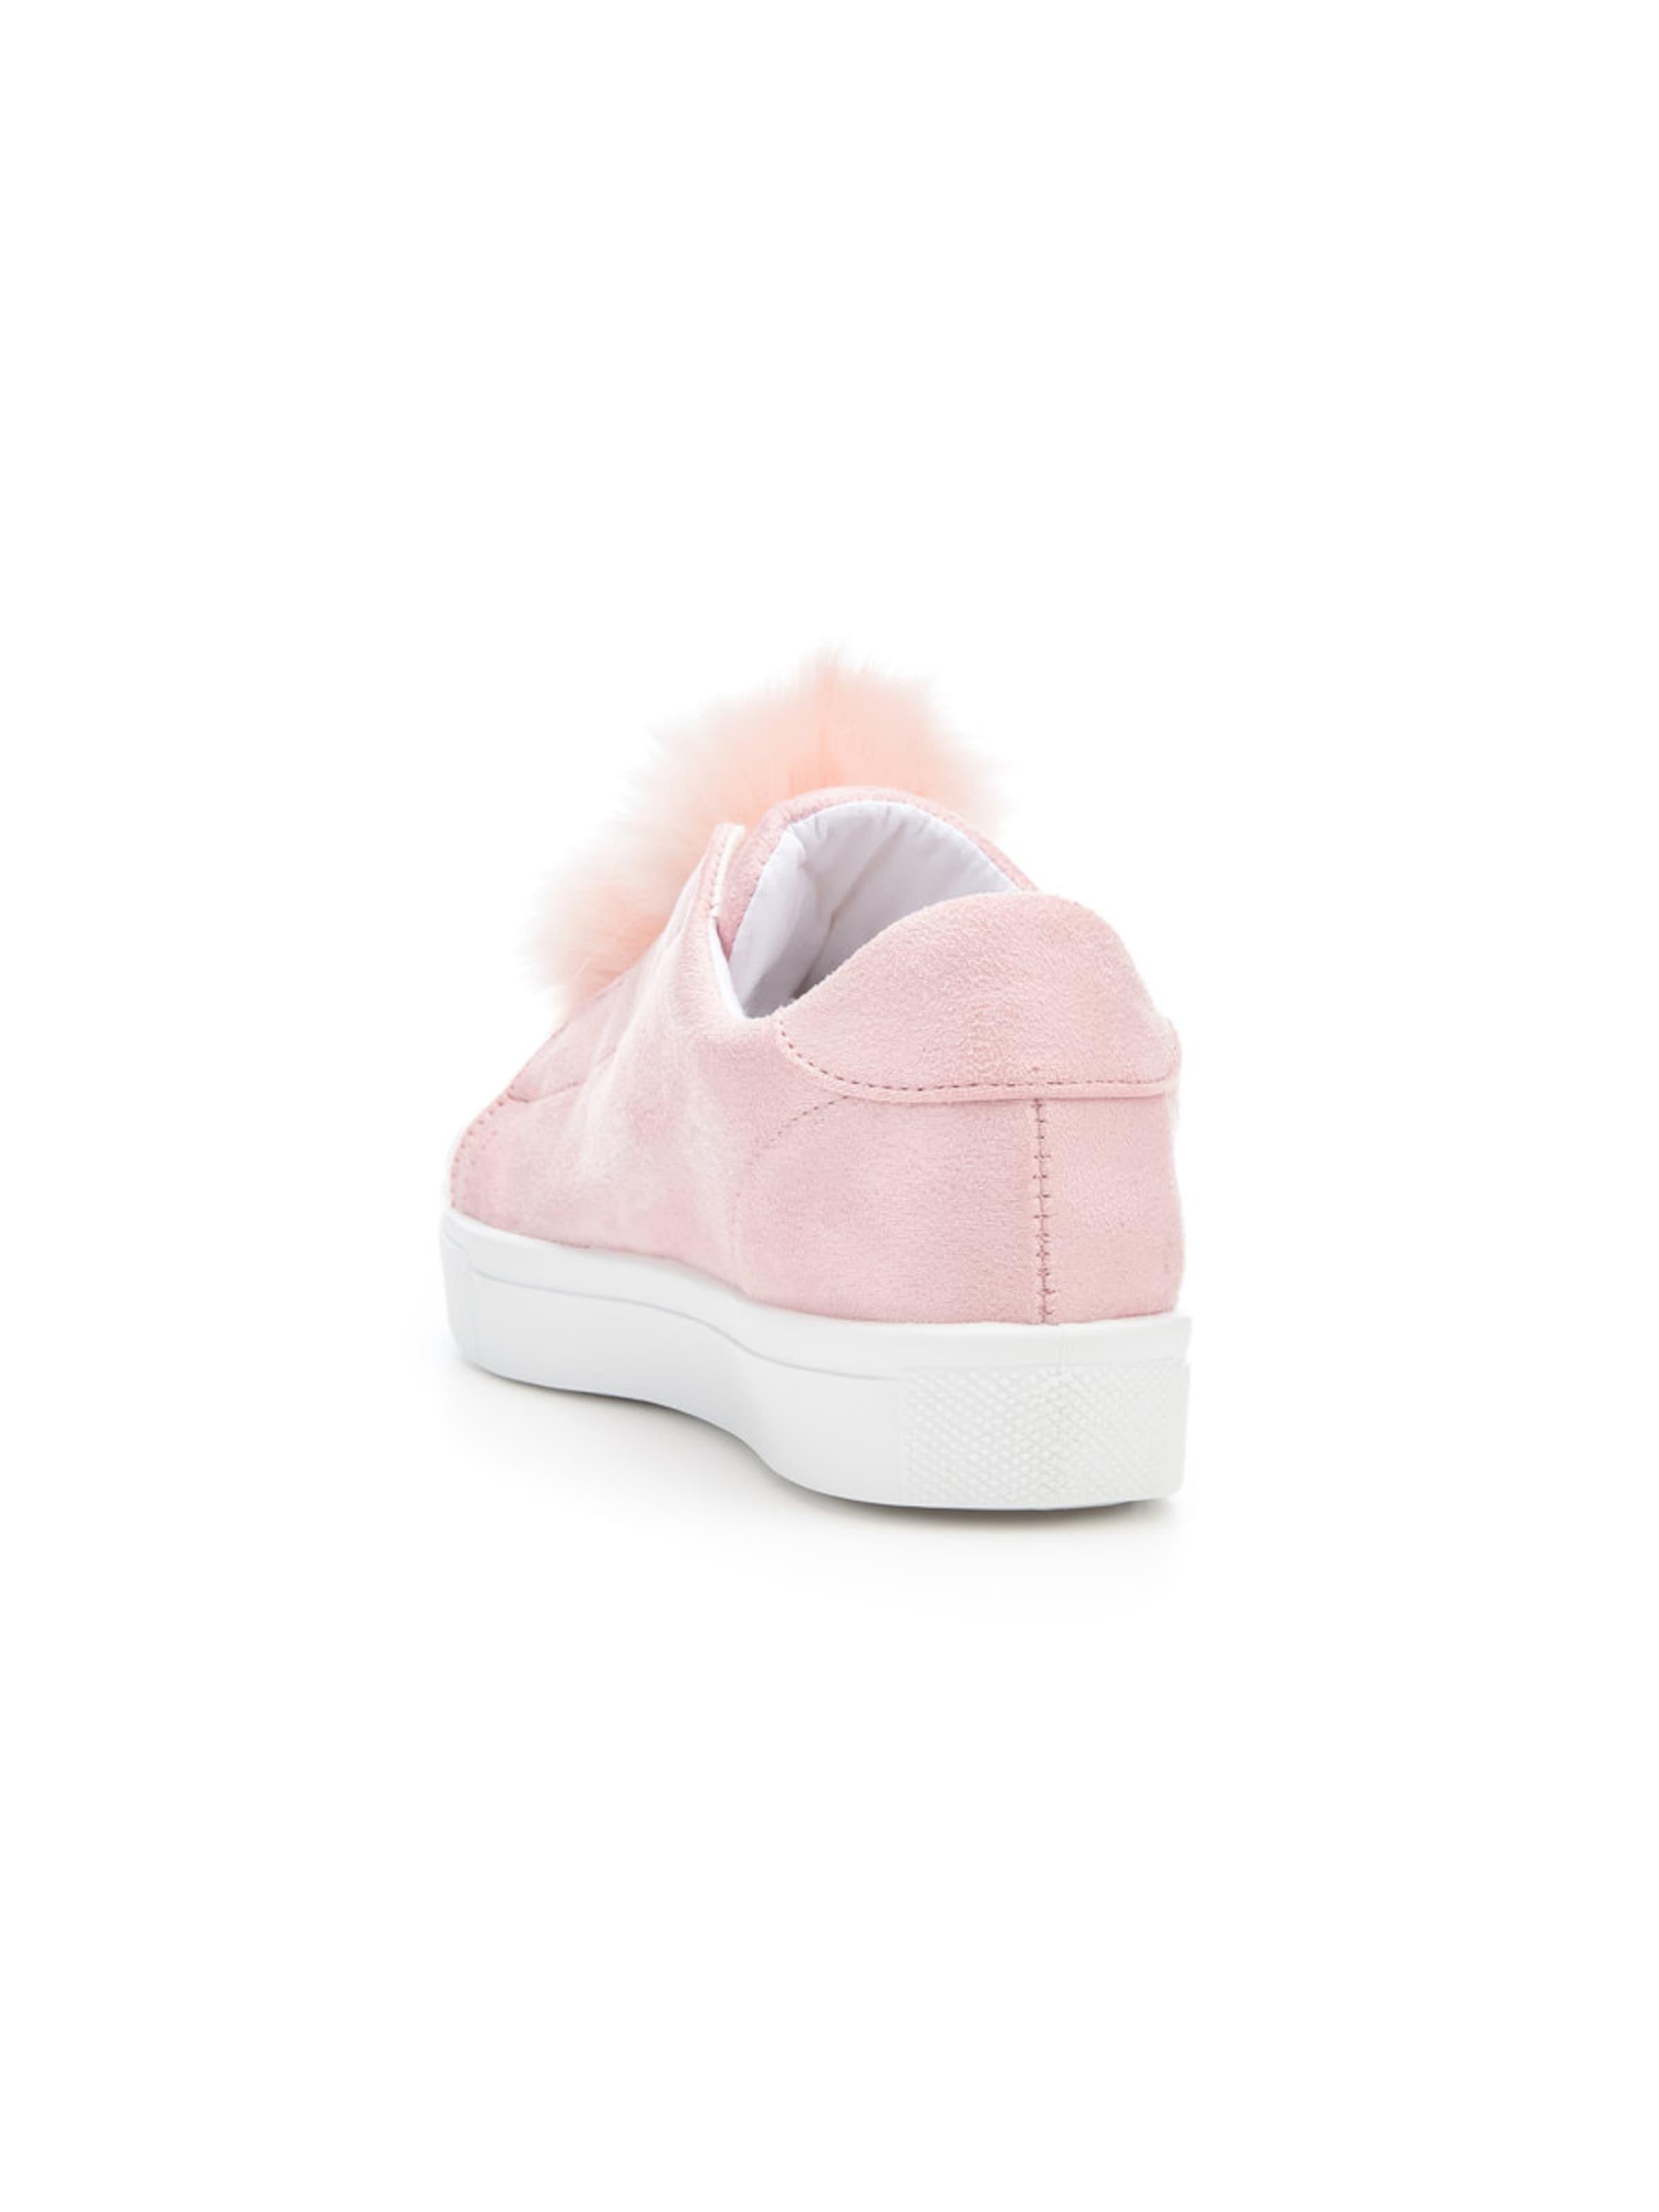 Sehr Günstig Bianco 'Pompon'-Sneaker Verkauf Sneakernews Gutes Verkauf Günstiger Preis Günstige Spielraum Rabatt Neueste YMYoURyoF